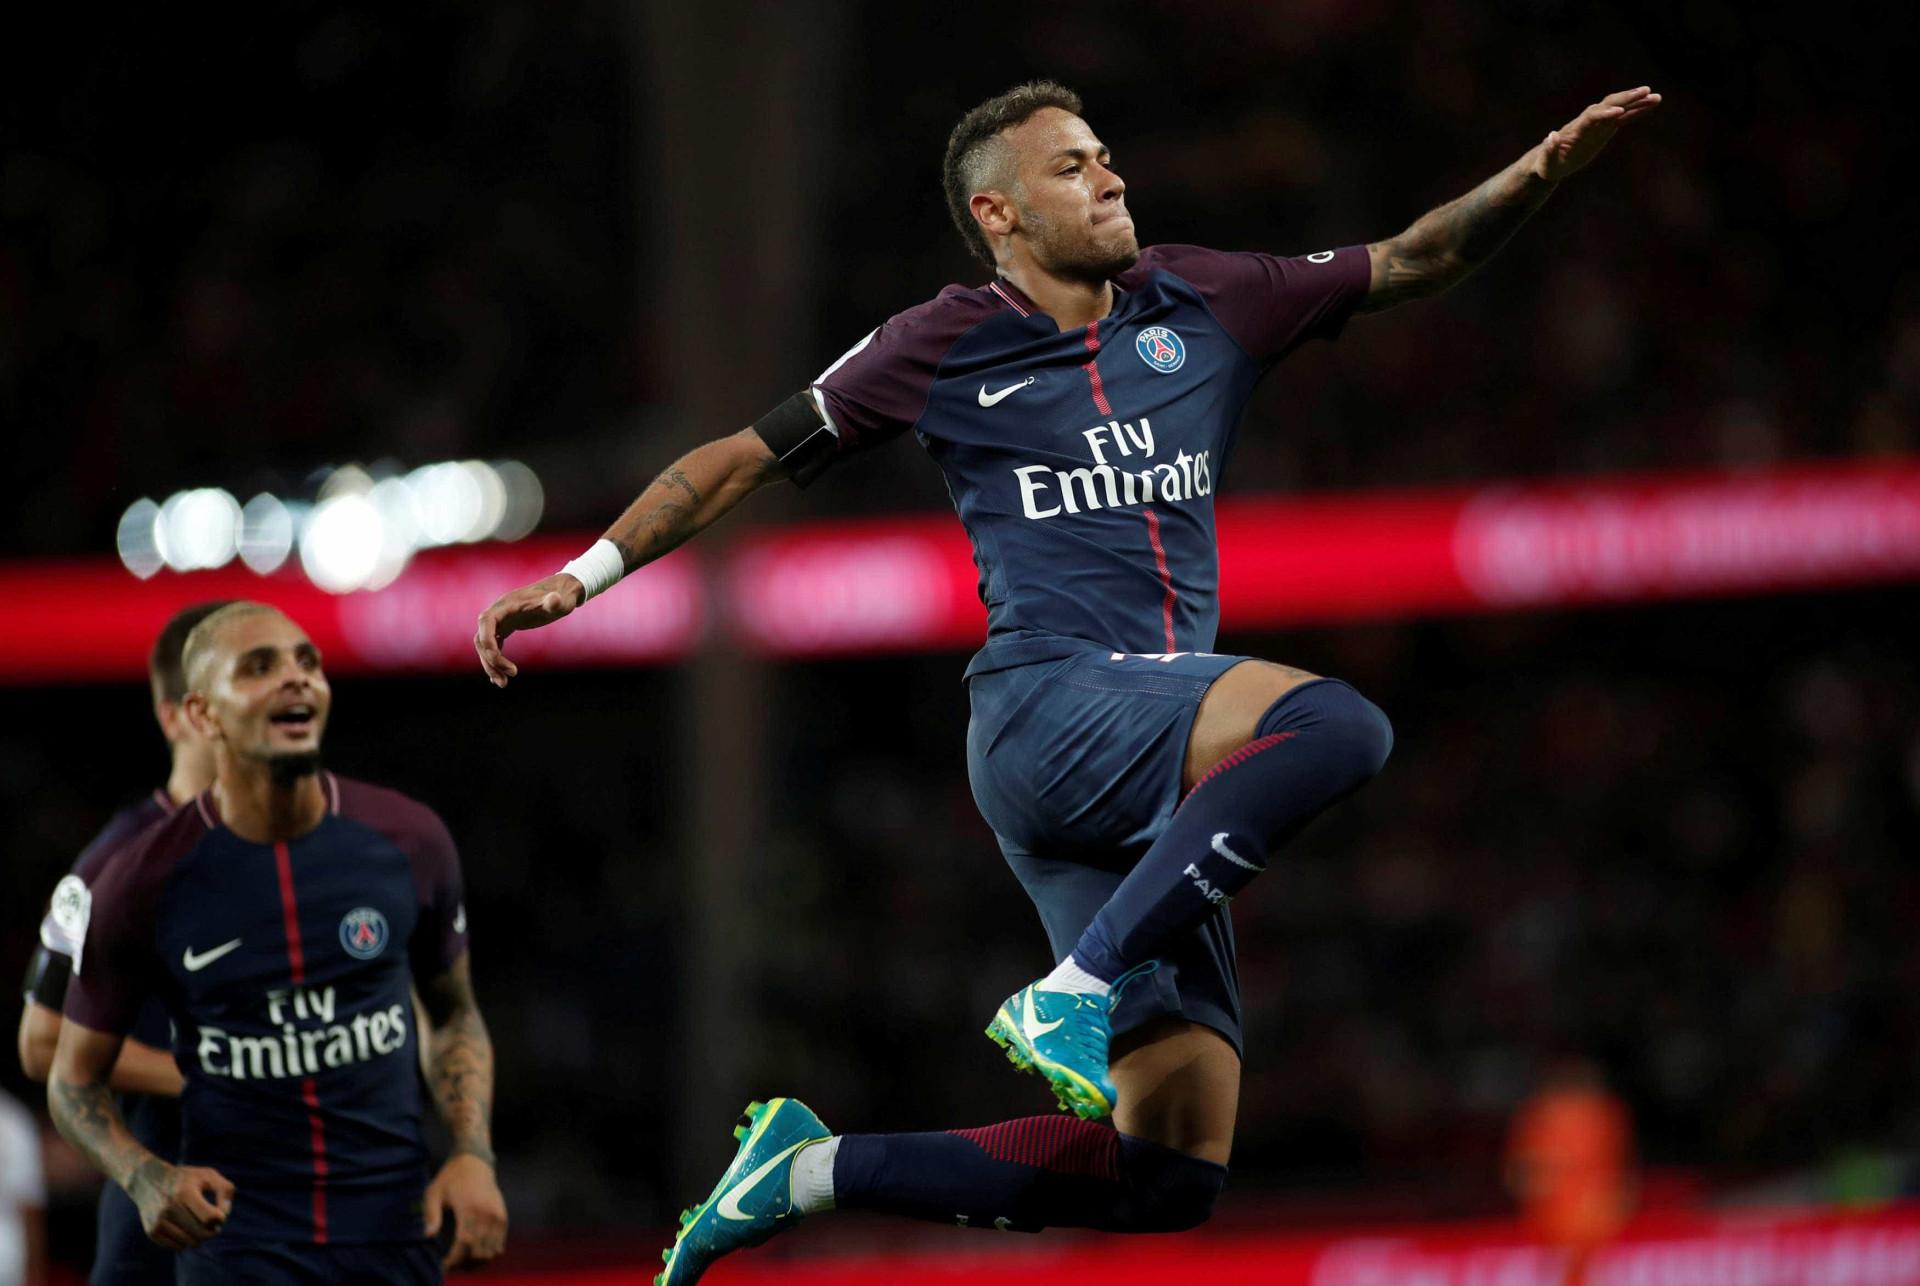 Rodada do domingo teve Brasileirão, show de Neymar e muito mais